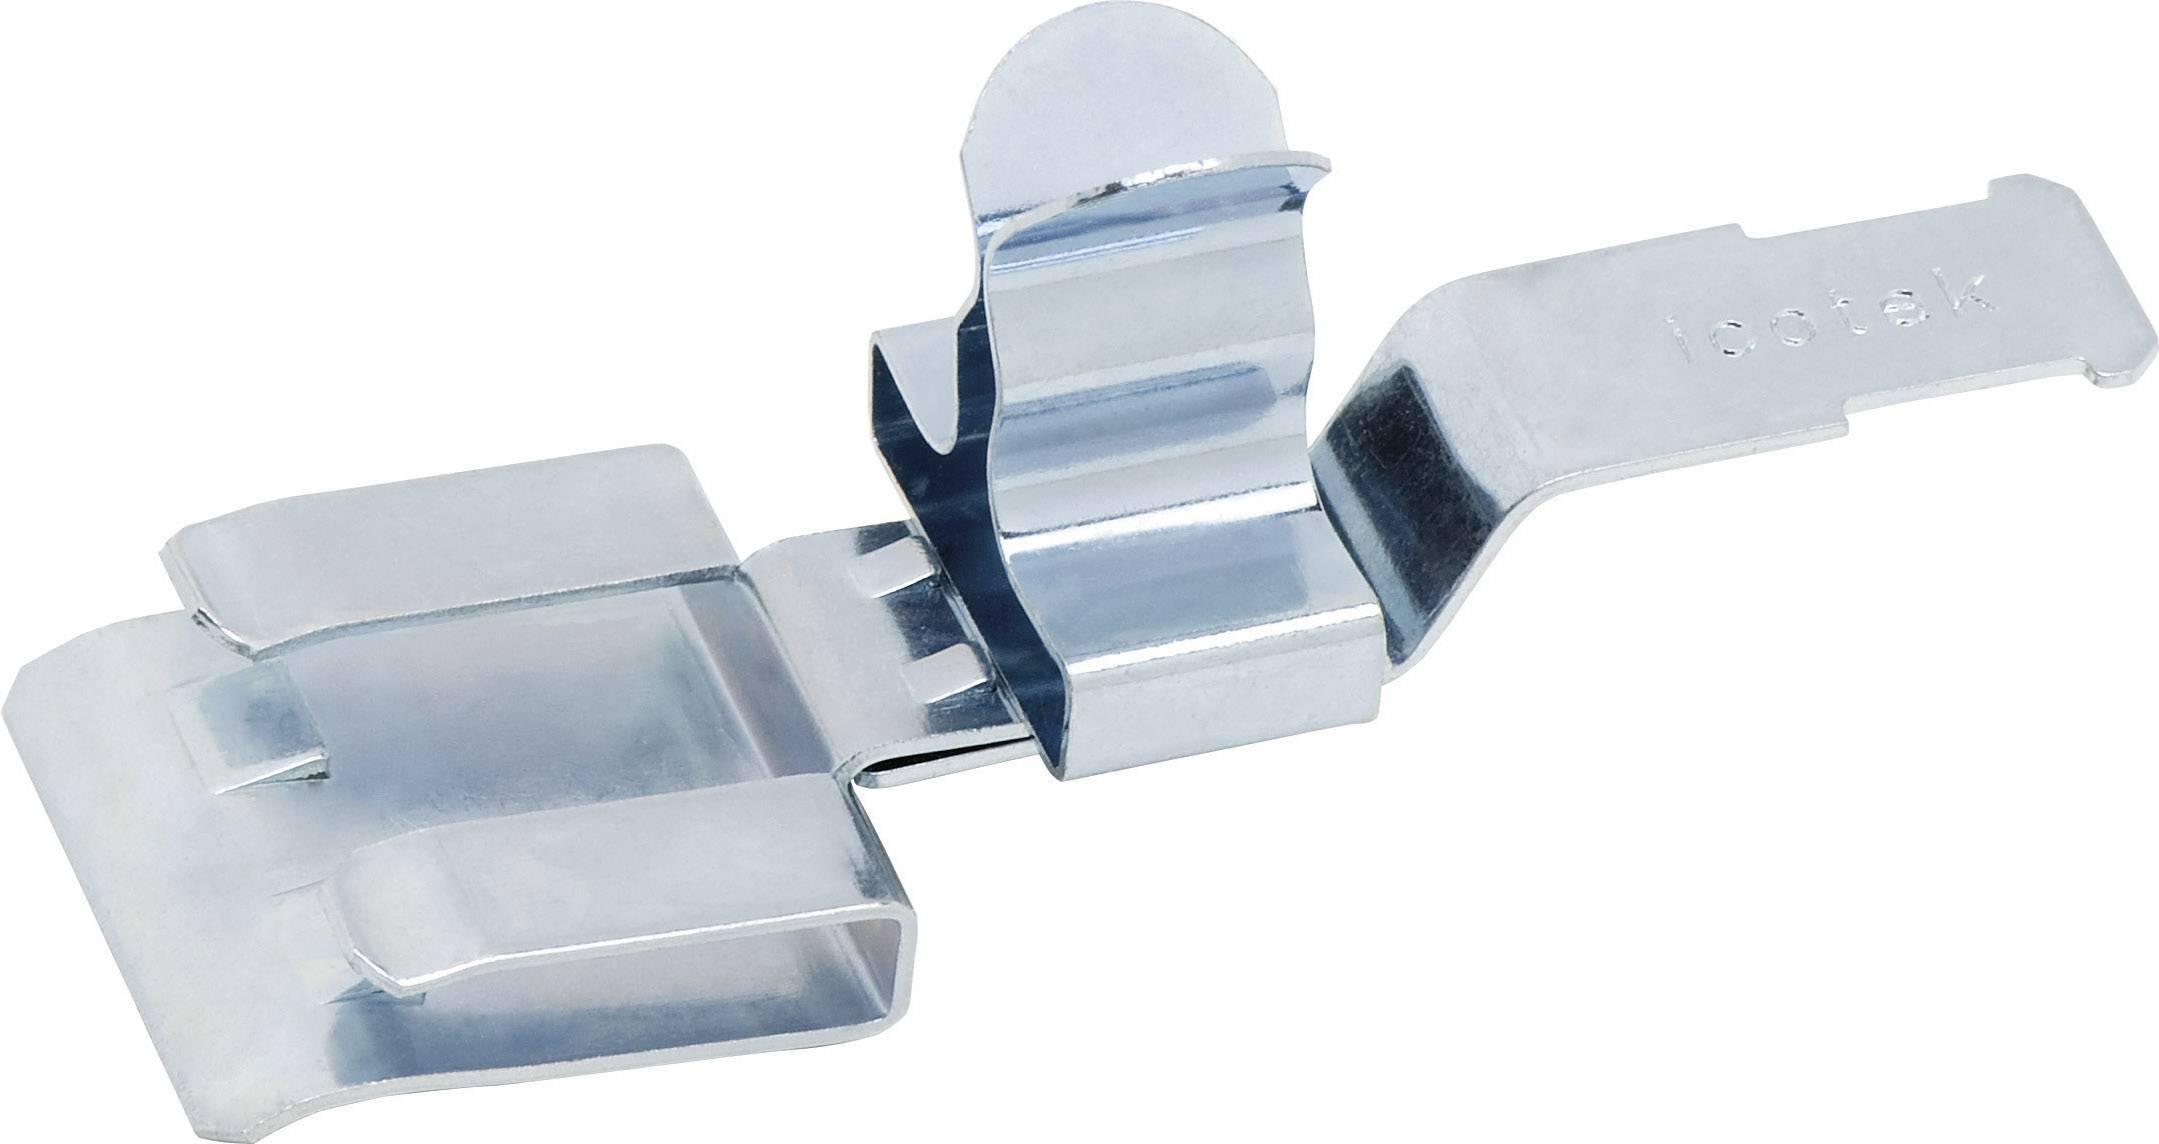 Icotek Zaščitna sponka PFZ PFZ|SKL 9-11 za kabel- 9 - 11 mm, pocinkano vzmetno jeklo